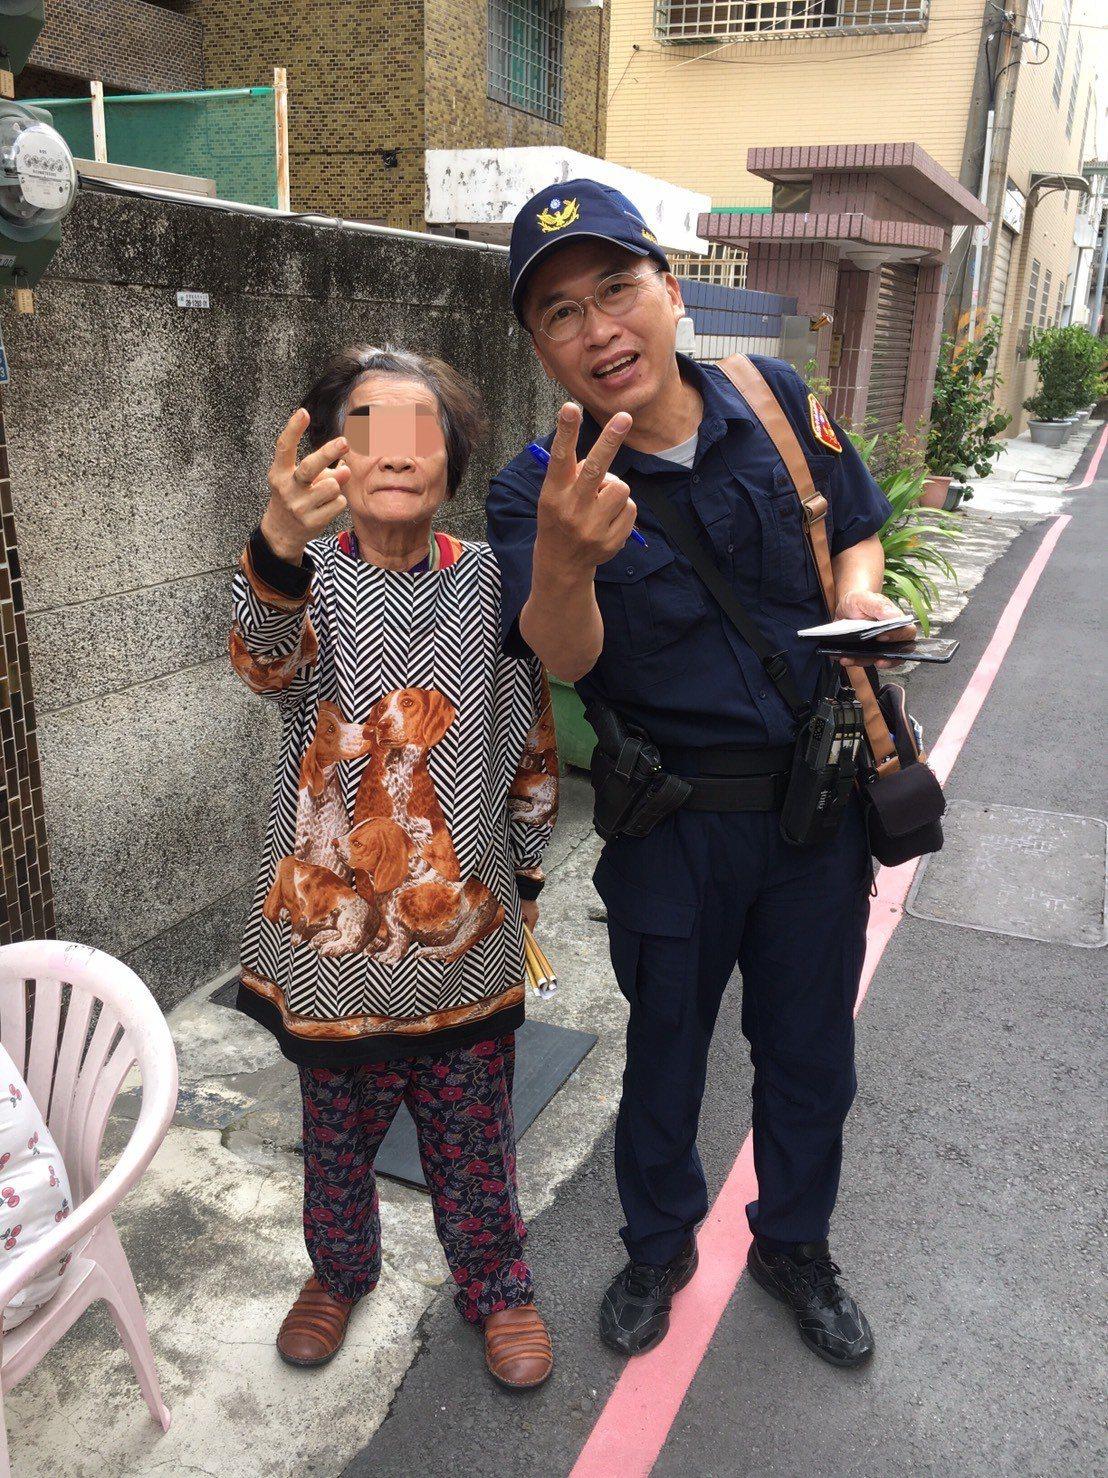 76歲的傅姓老婦疑似失智,昨天下午徘徊在軍校路及和光街口的超商,民眾察覺有異報警...